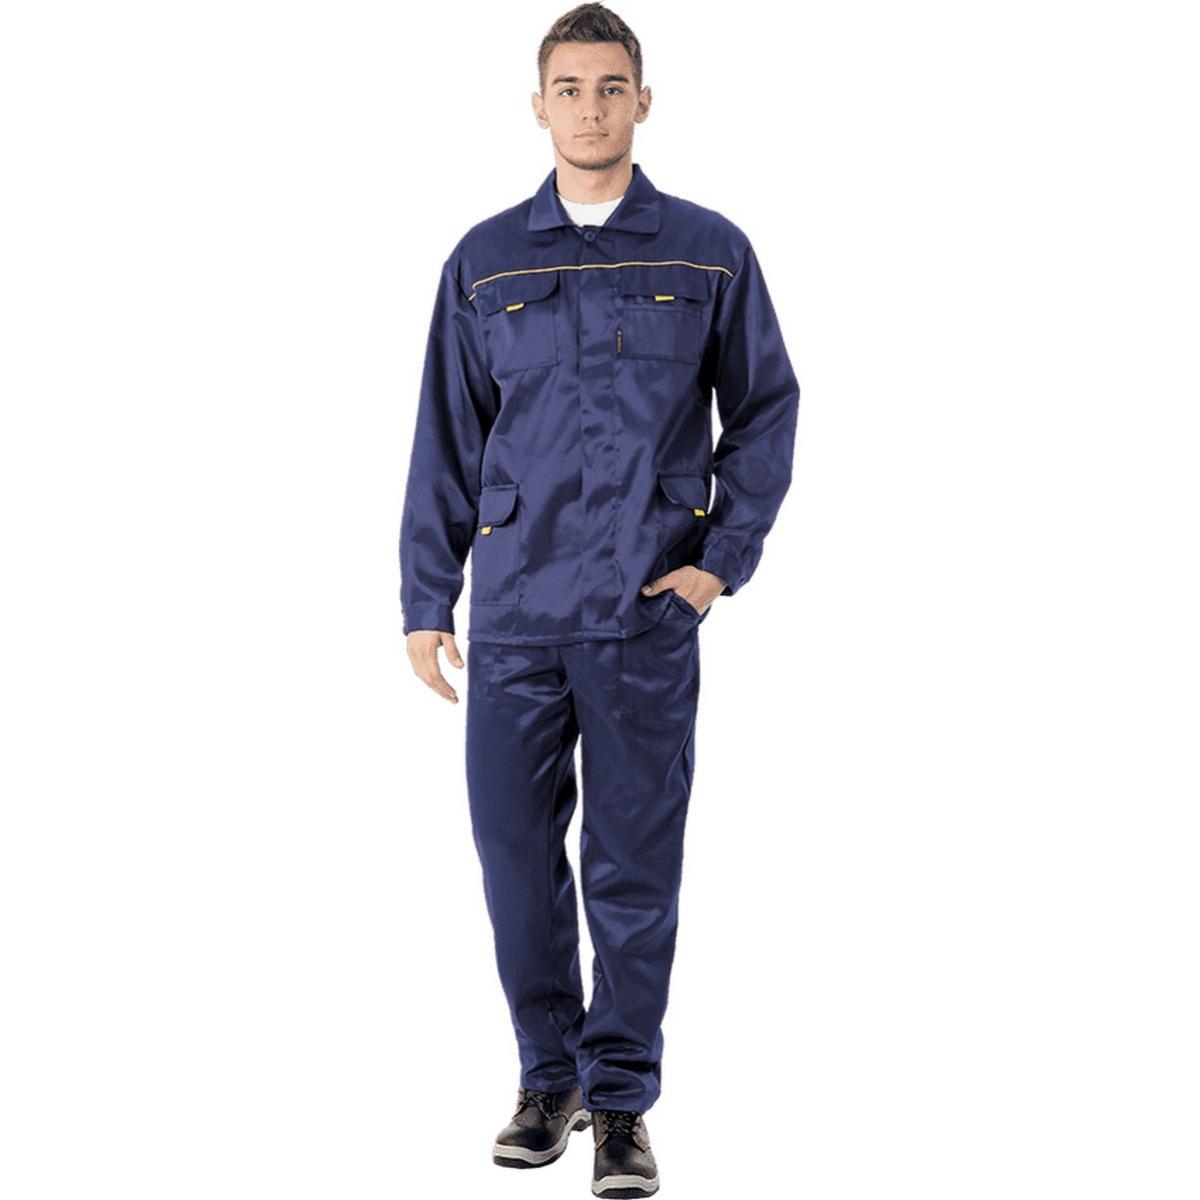 Костюм ВЫМПЕЛ-1 т/синий (куртка+брюки)  (разм. 112-116 рост 182-188)